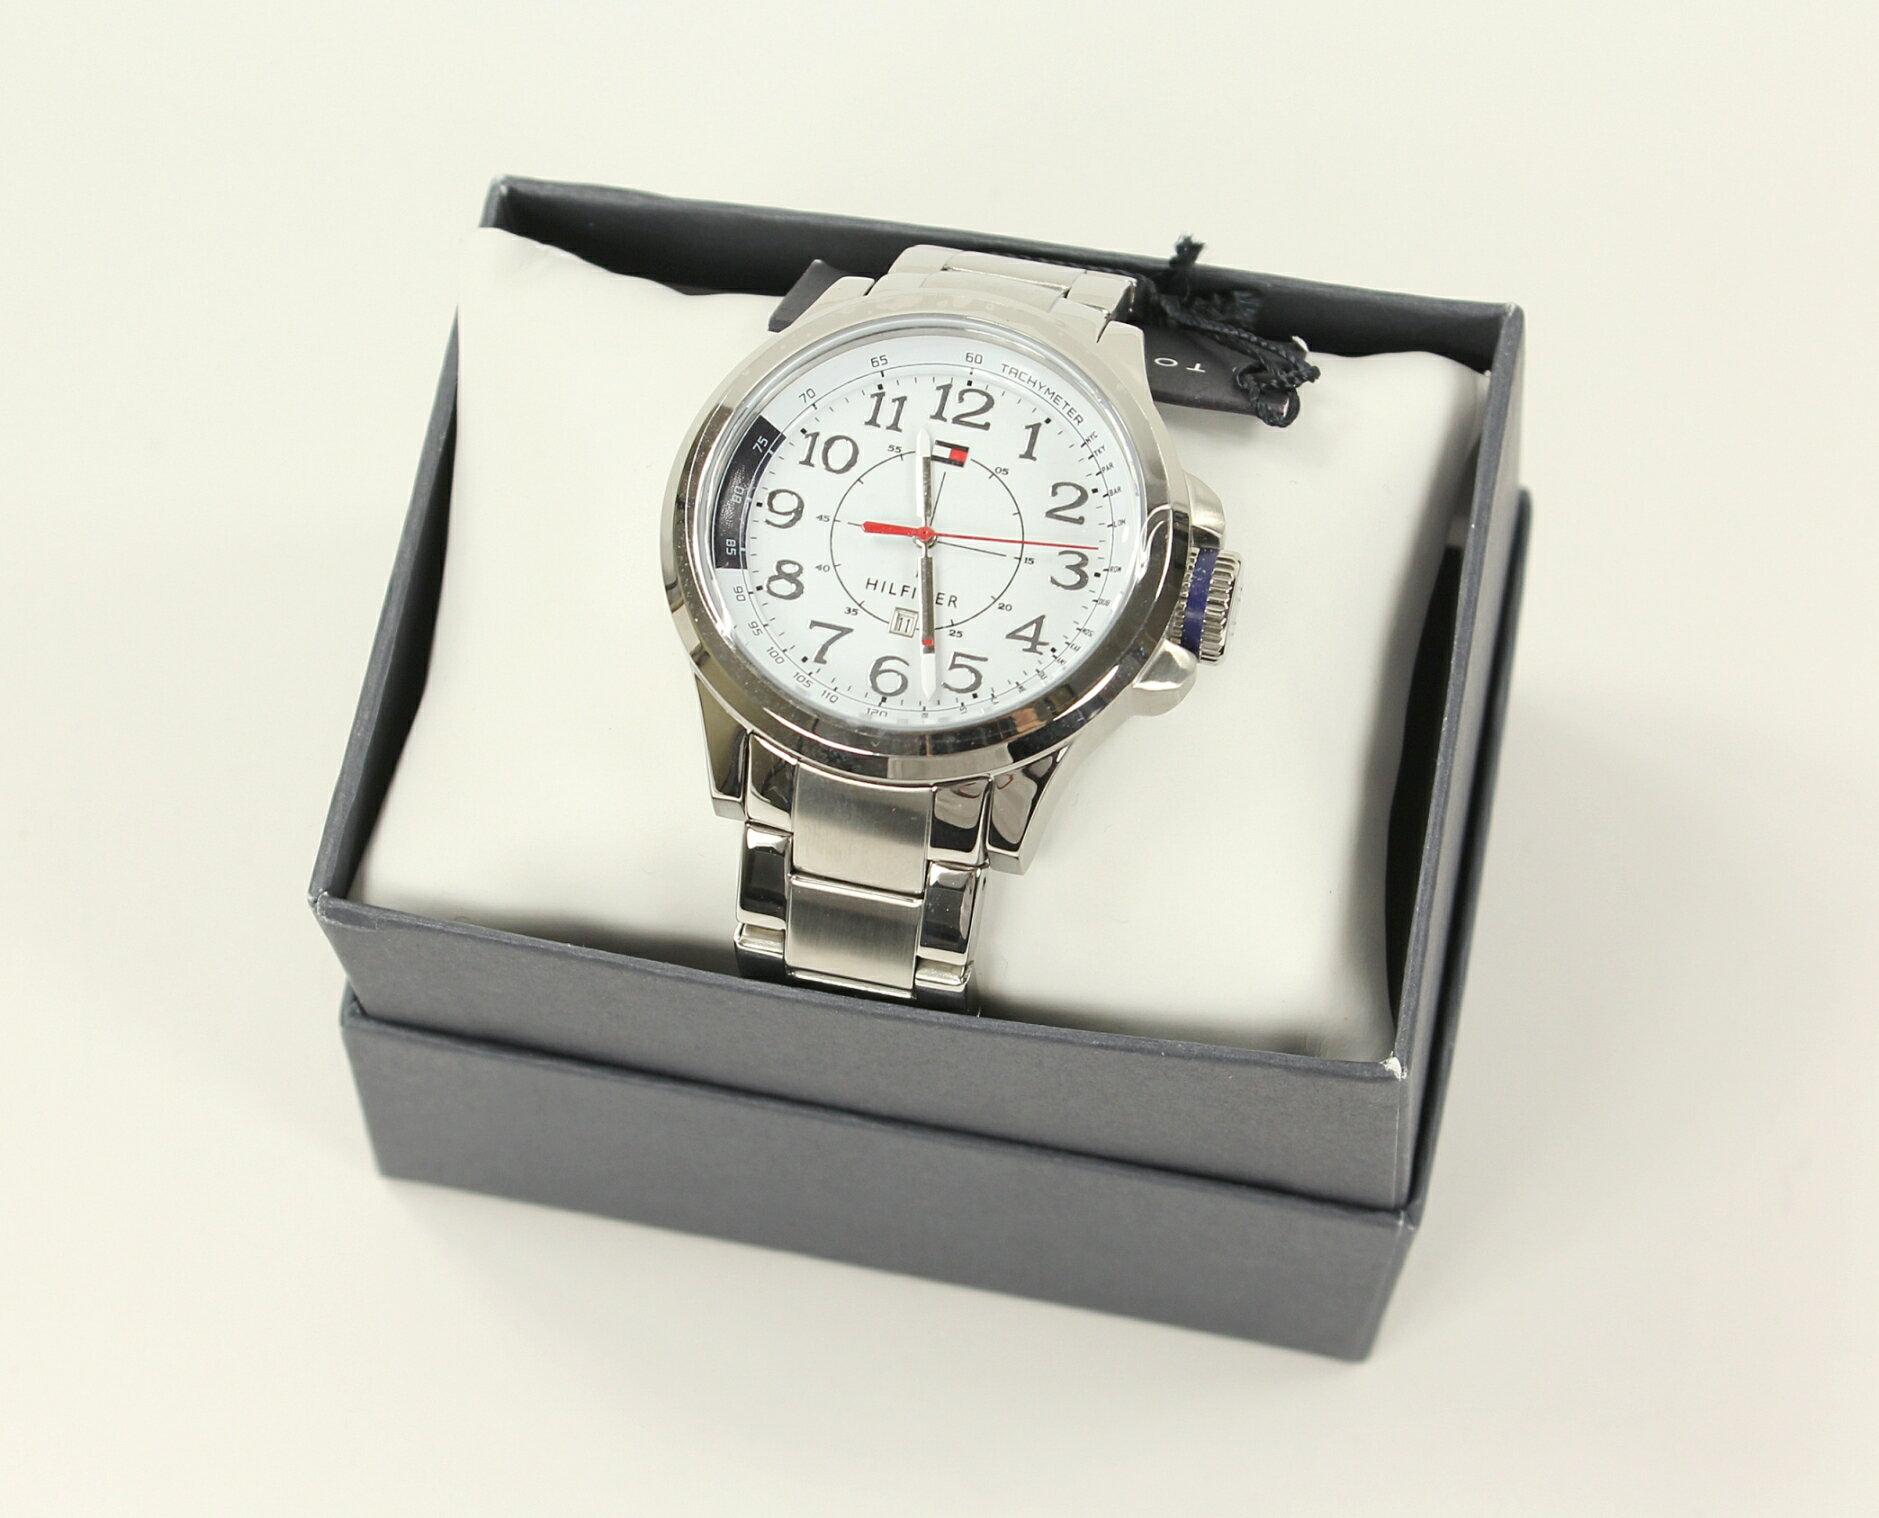 美國百分百【全新真品】Tommy Hilfiger 手錶 TH 配件 不?鋼 金屬錶帶 銀色 多功能 男 女 禮物 禮盒